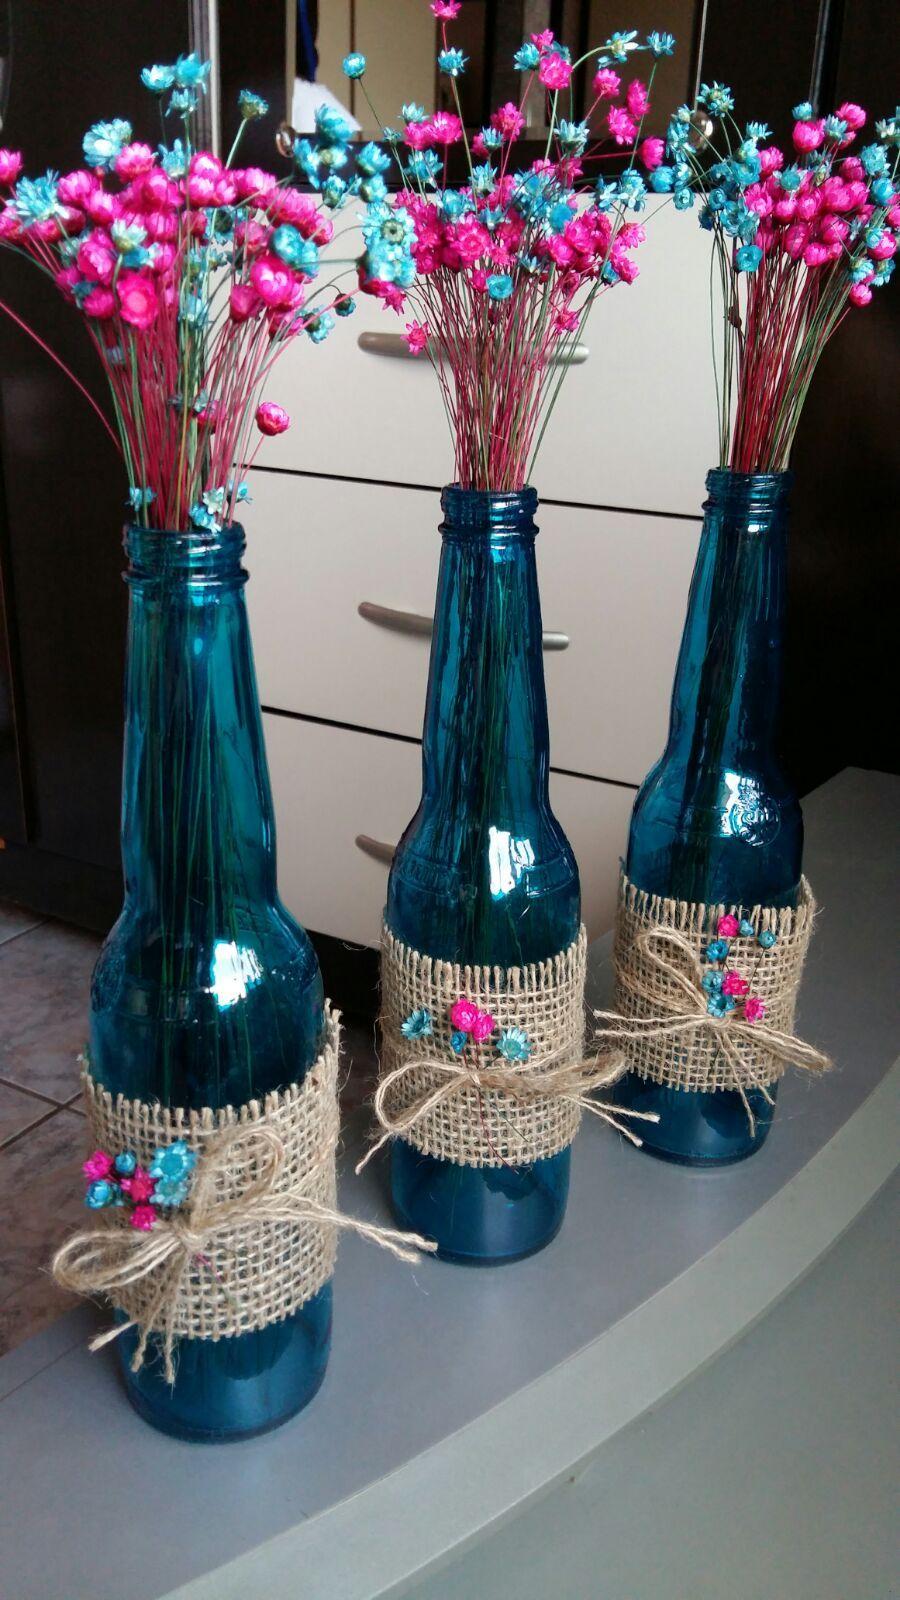 Fiz para decoração do chá de panela da minha irmã. Garrafas de cerveja  transparentes pintadas com verniz vitral na cor azul turqueza. 982ff74a77c